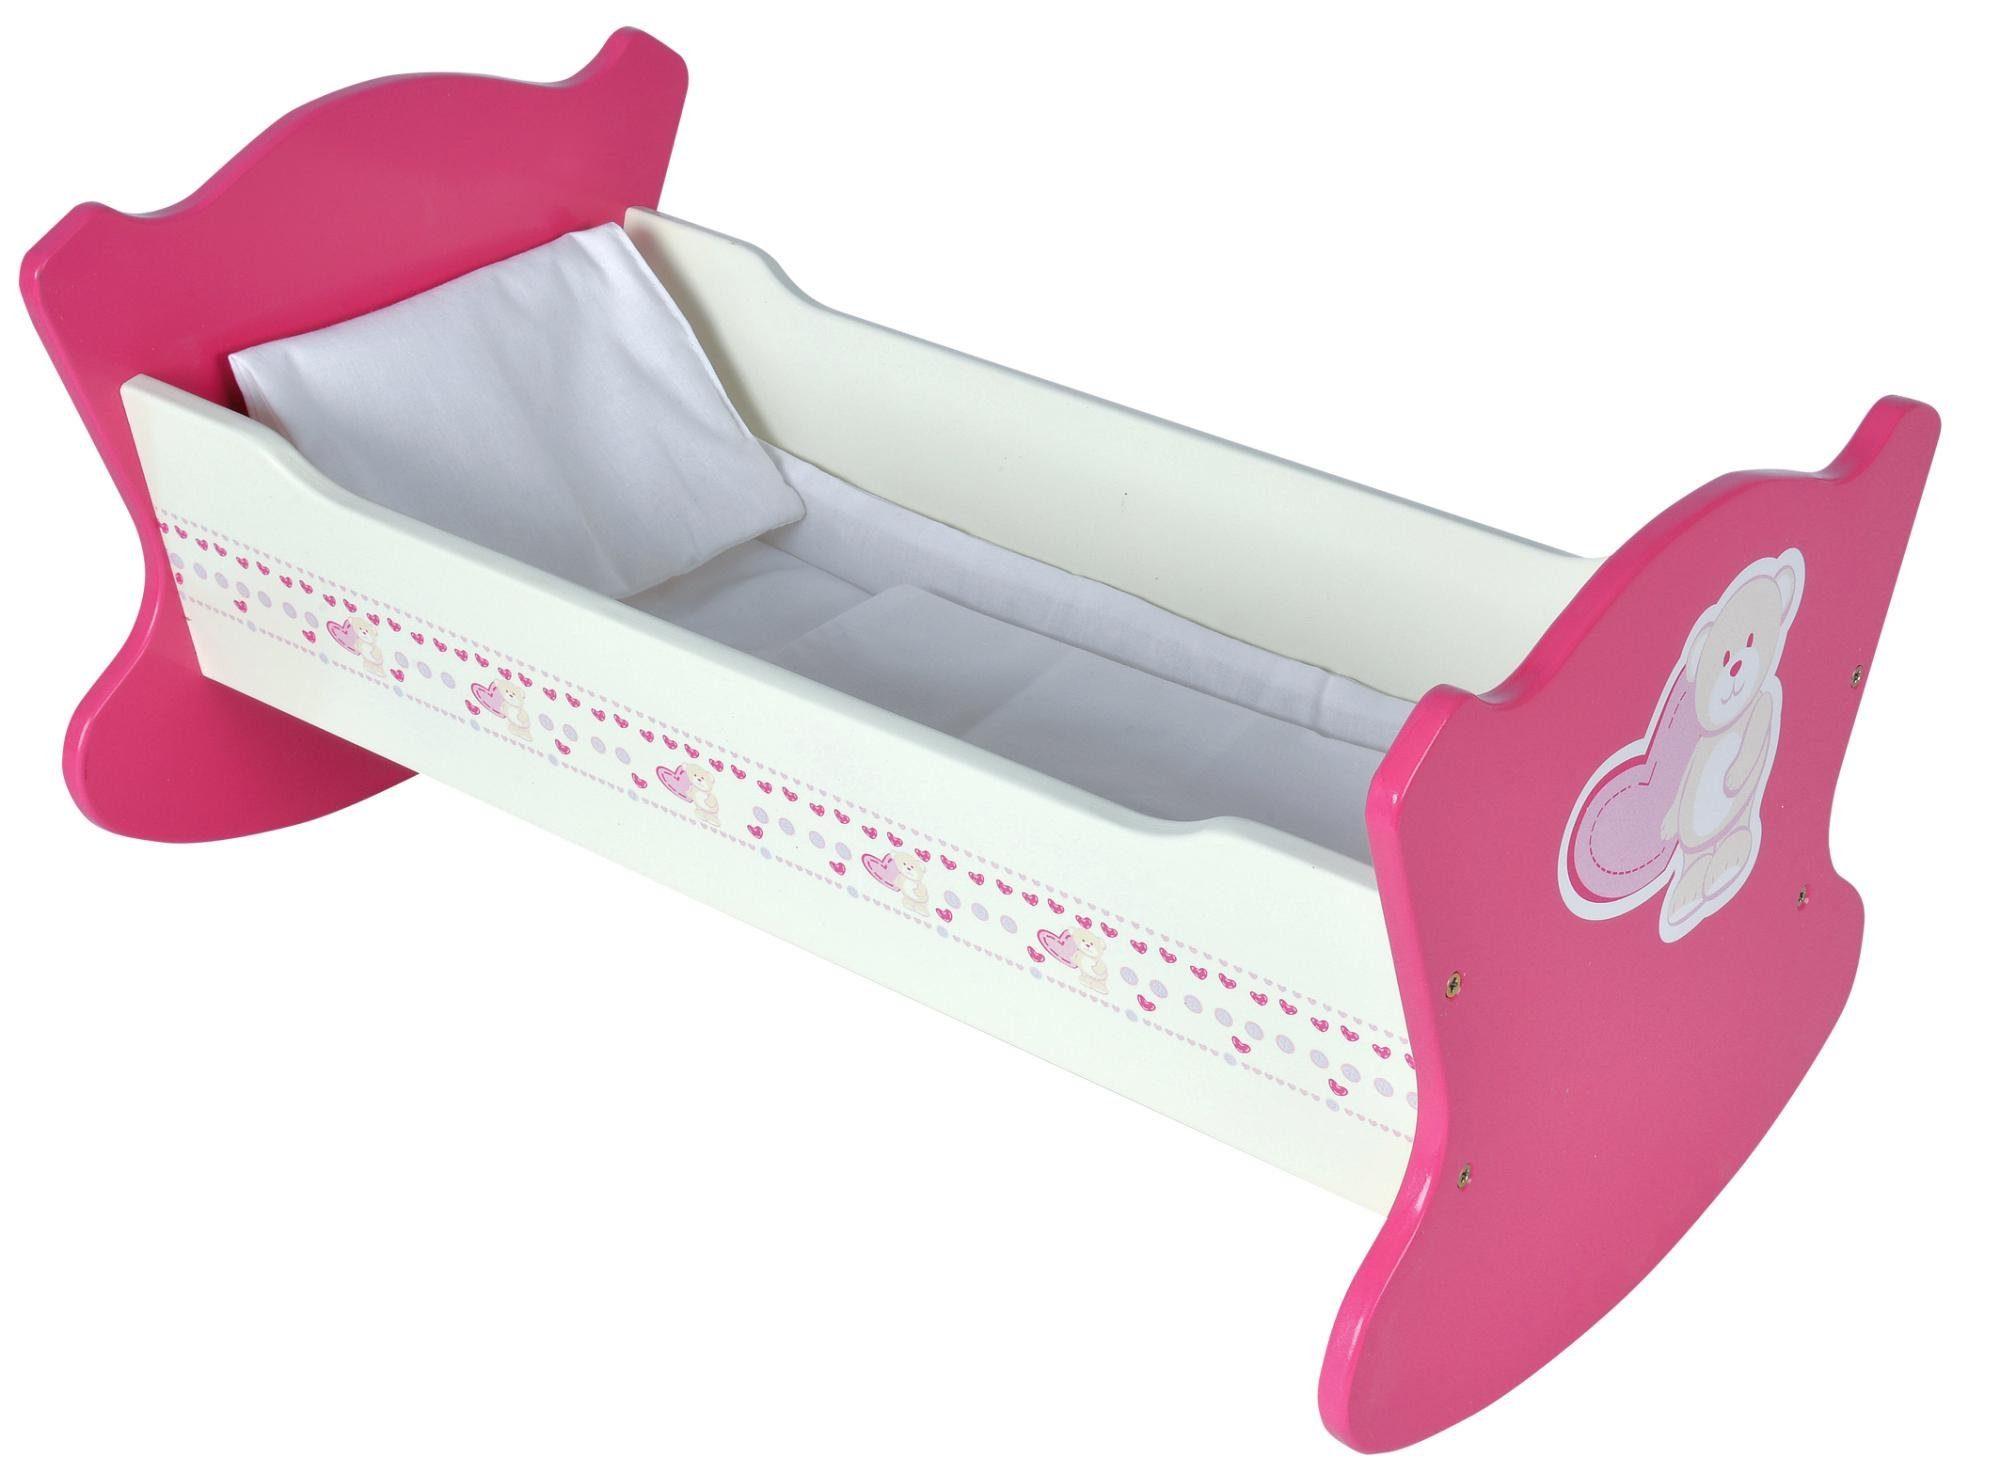 Puppen Etagenbett Pinolino : Puppenbett im online kaufen schwab versand